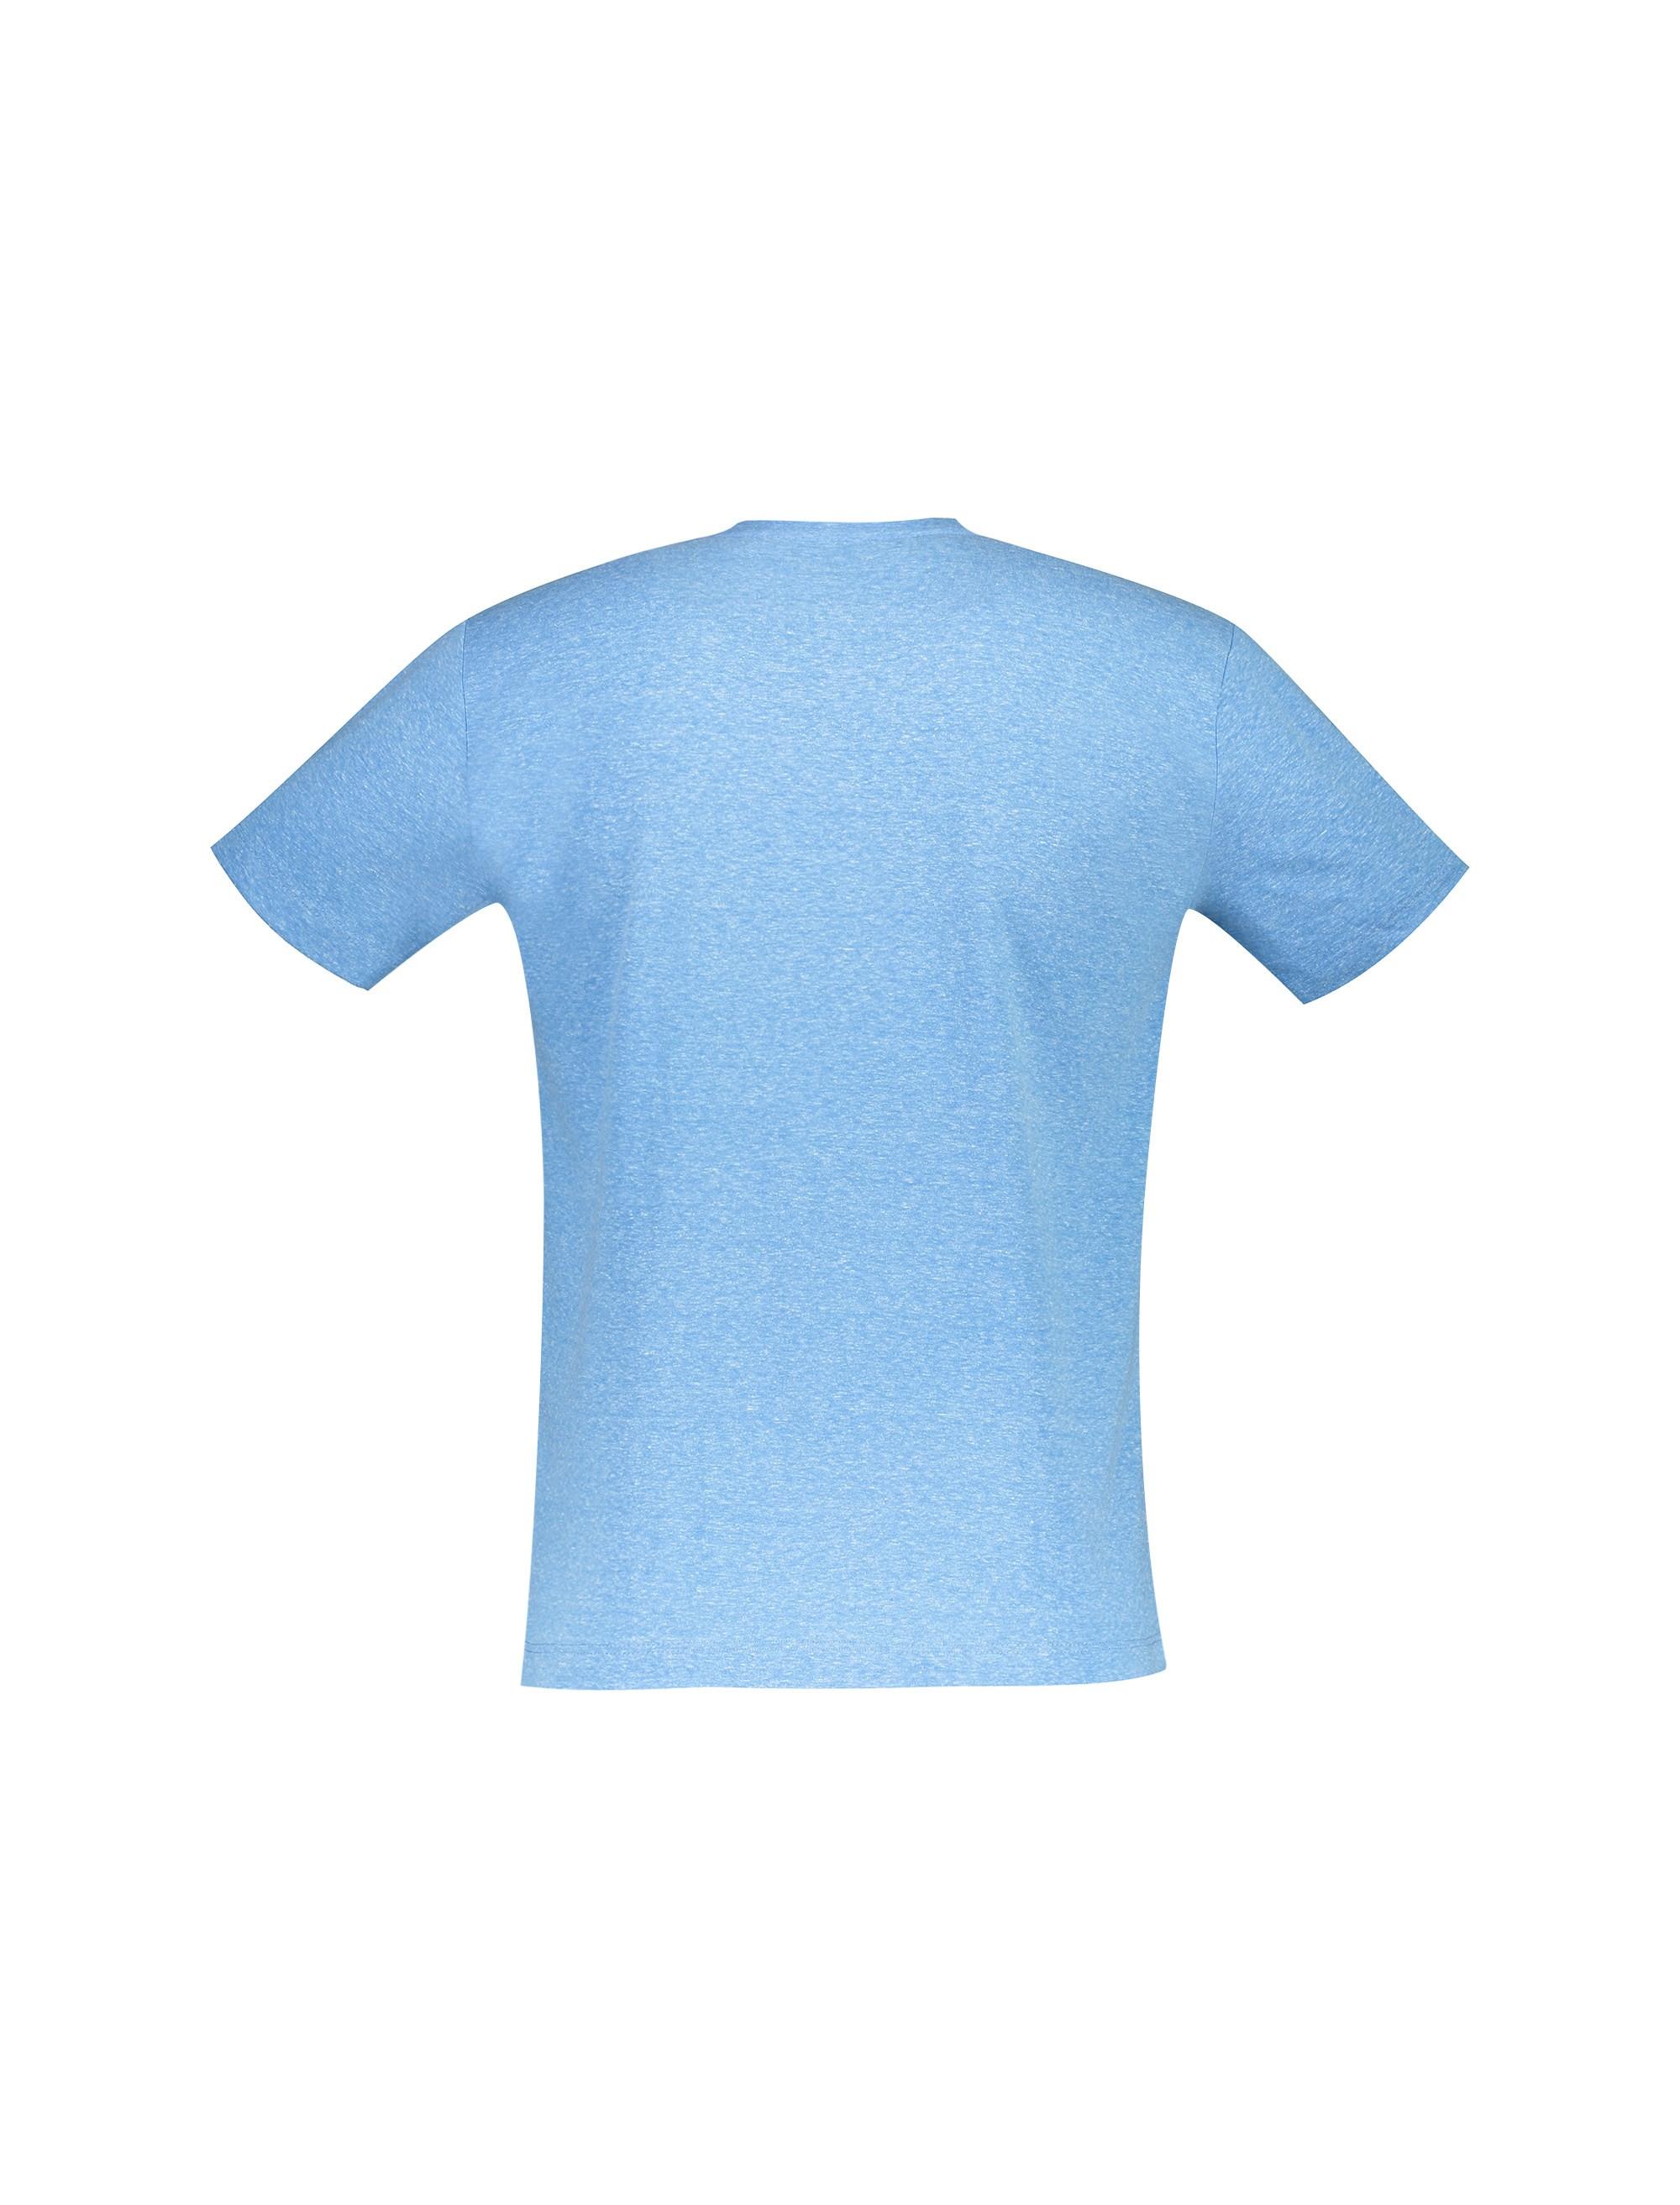 تی شرت یقه گرد مردانه - آبي روشن - 2